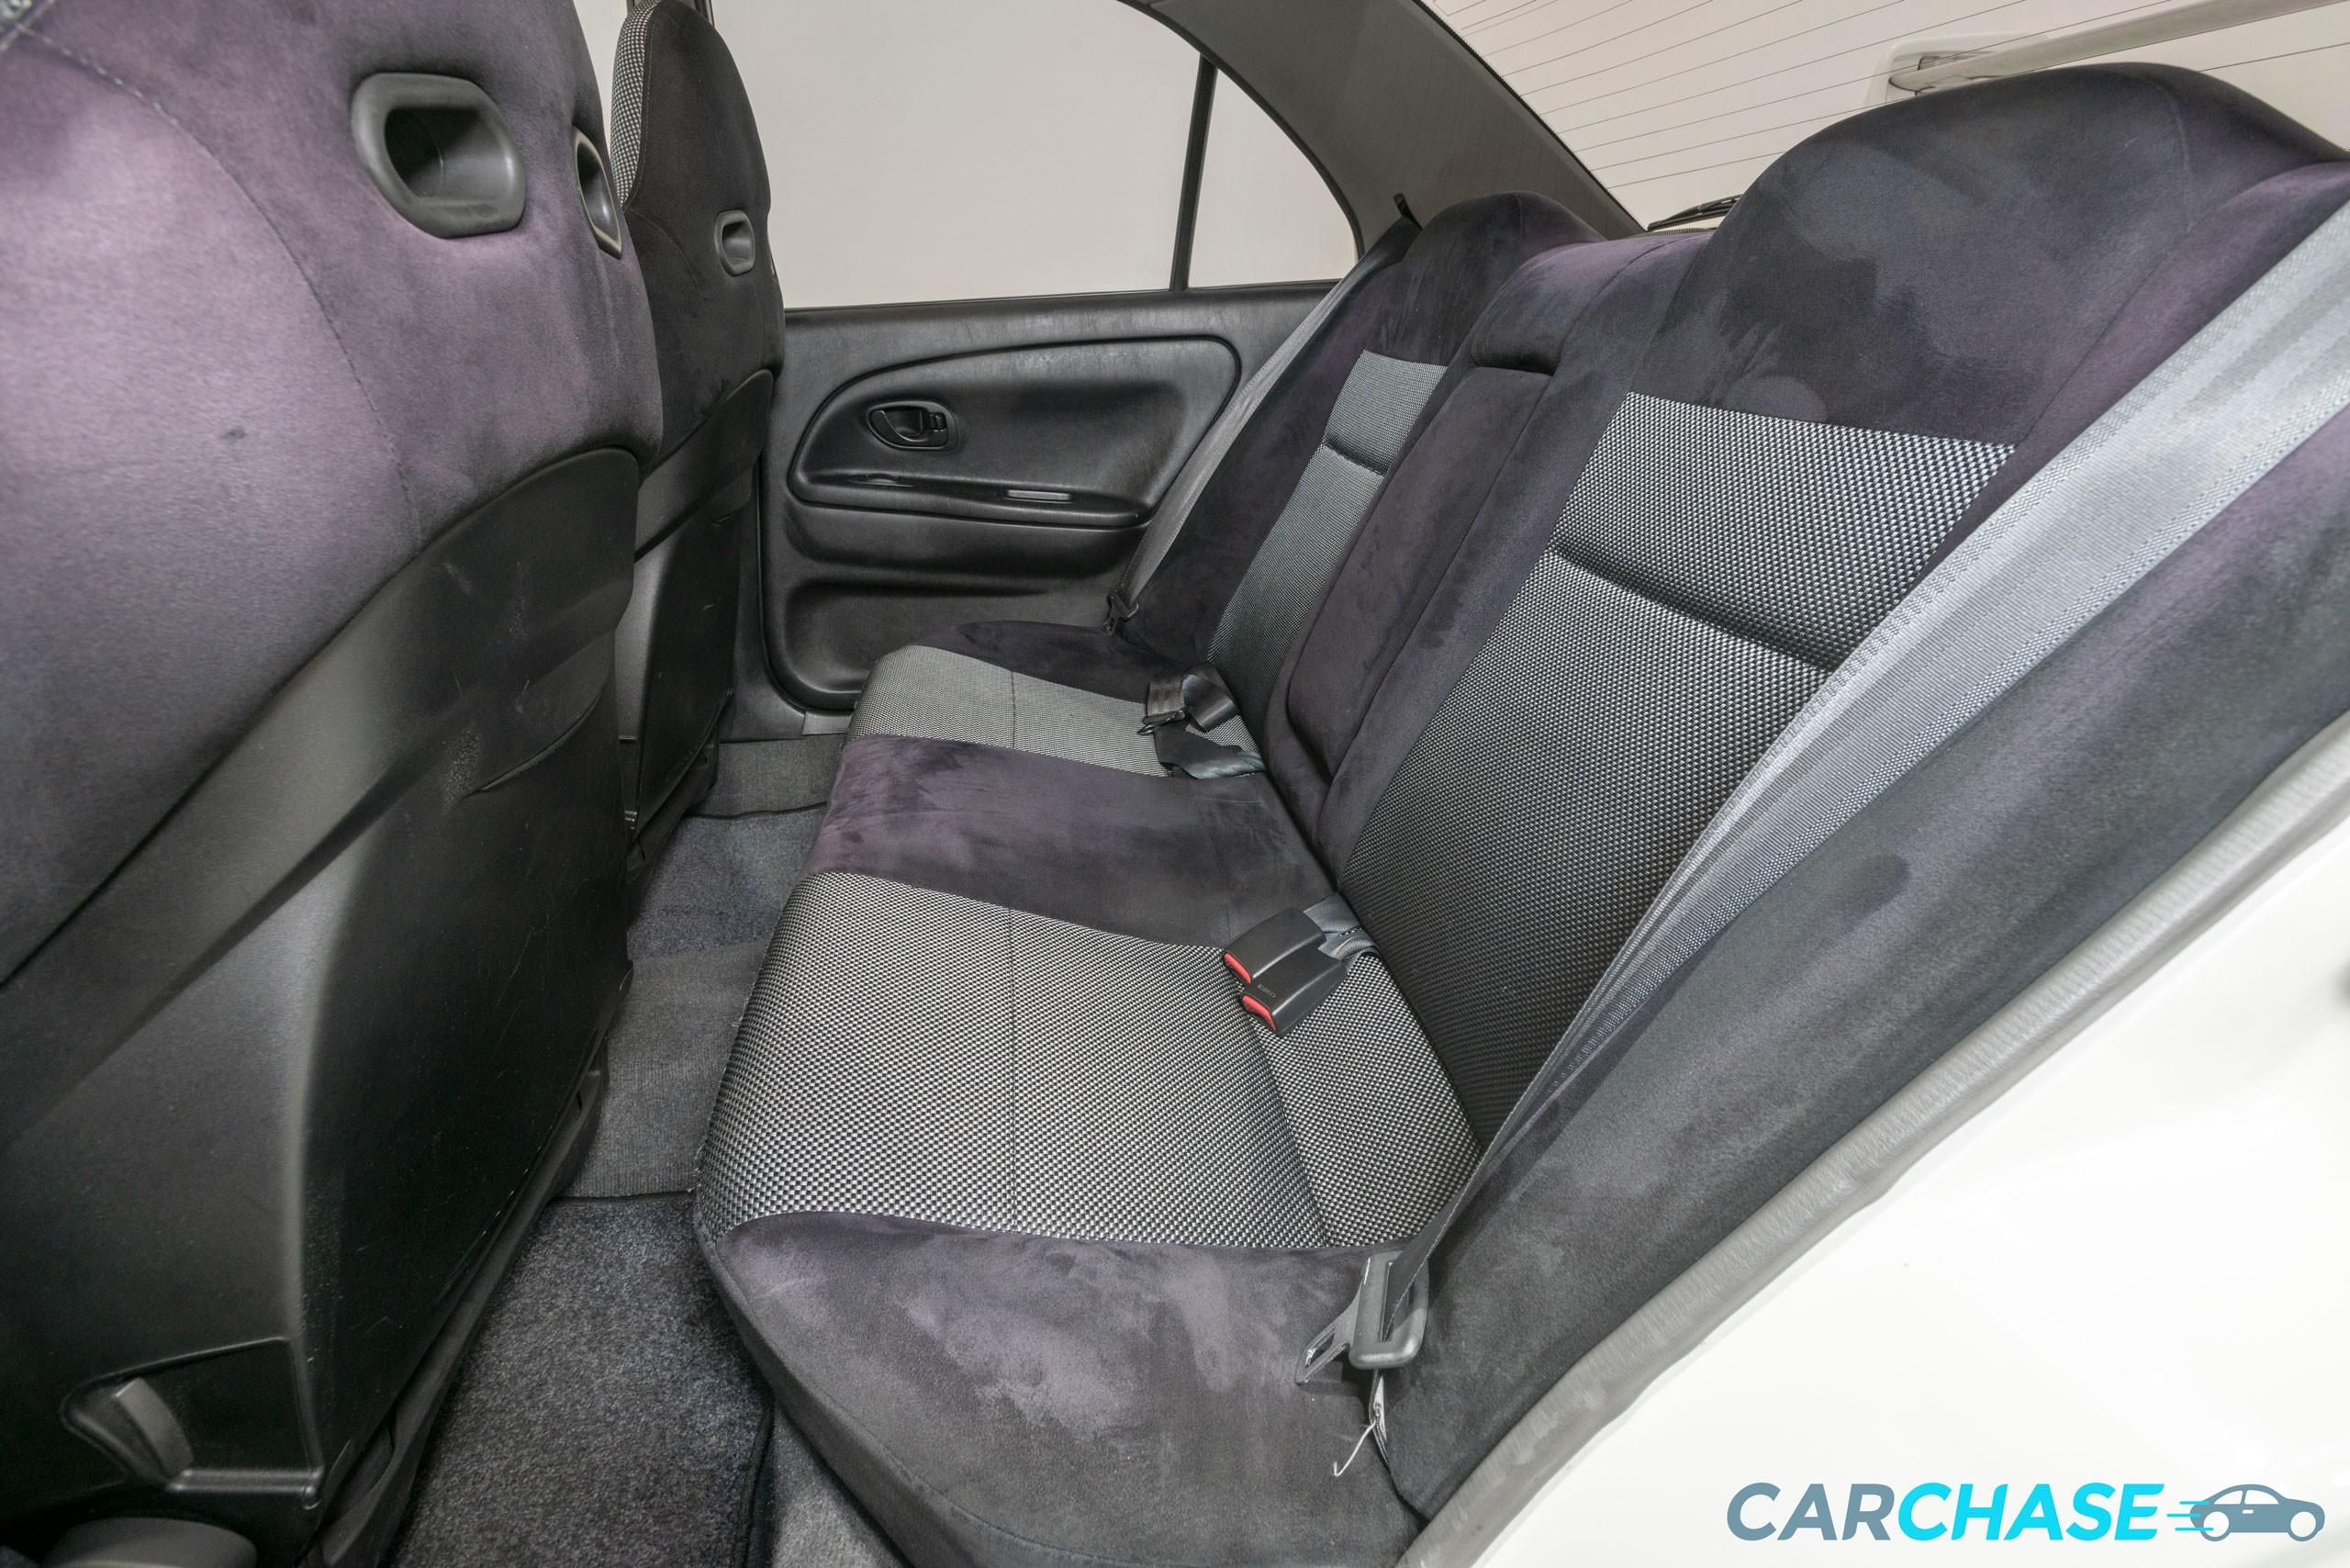 Image of passenger rear profile of 1998 Mitsubishi Lancer Evolution V